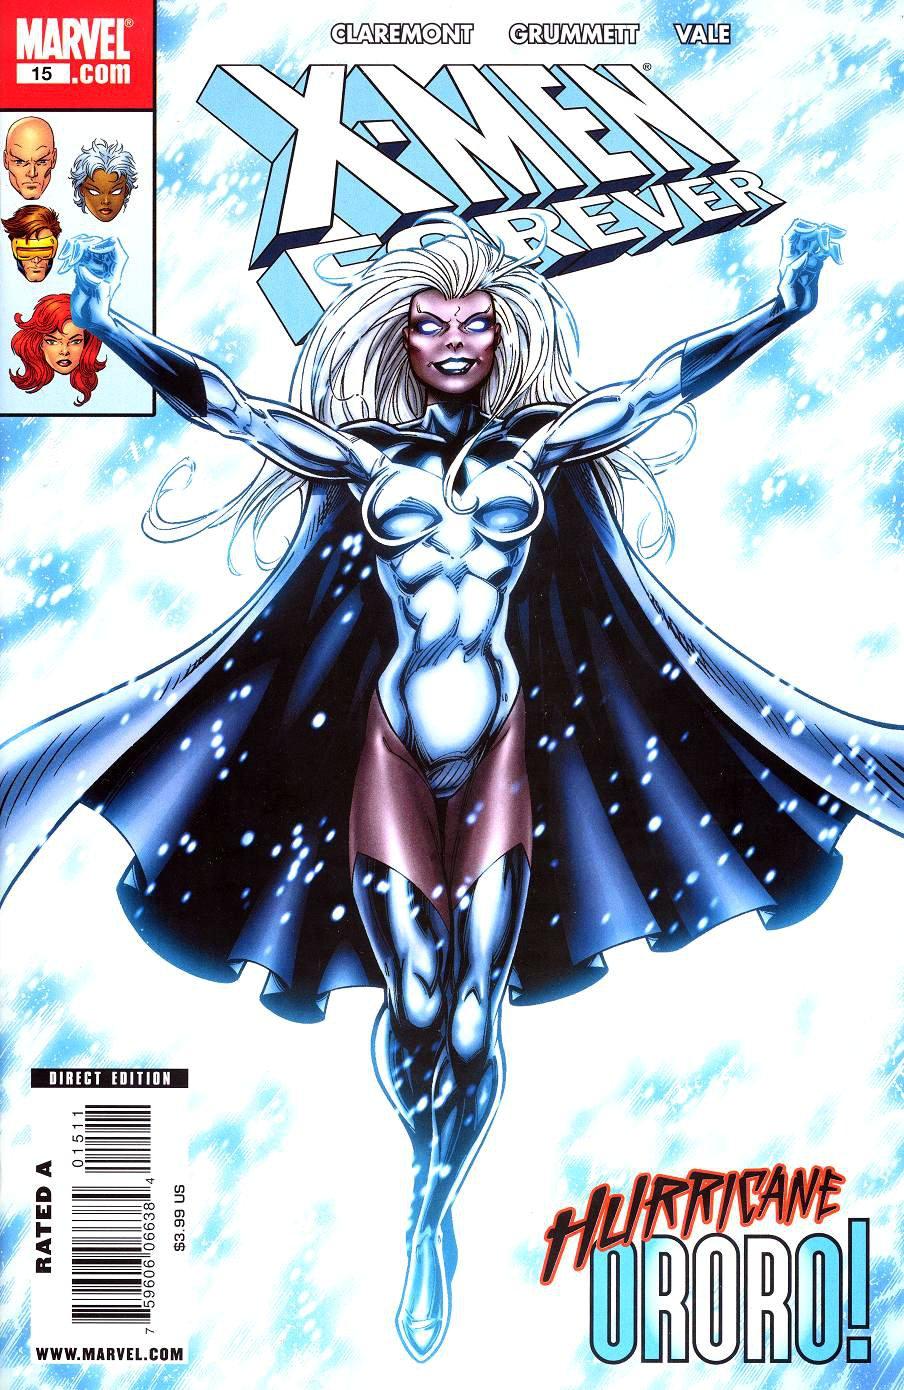 X-Men Forever Vol 2 15 | Marvel Database | FANDOM powered by